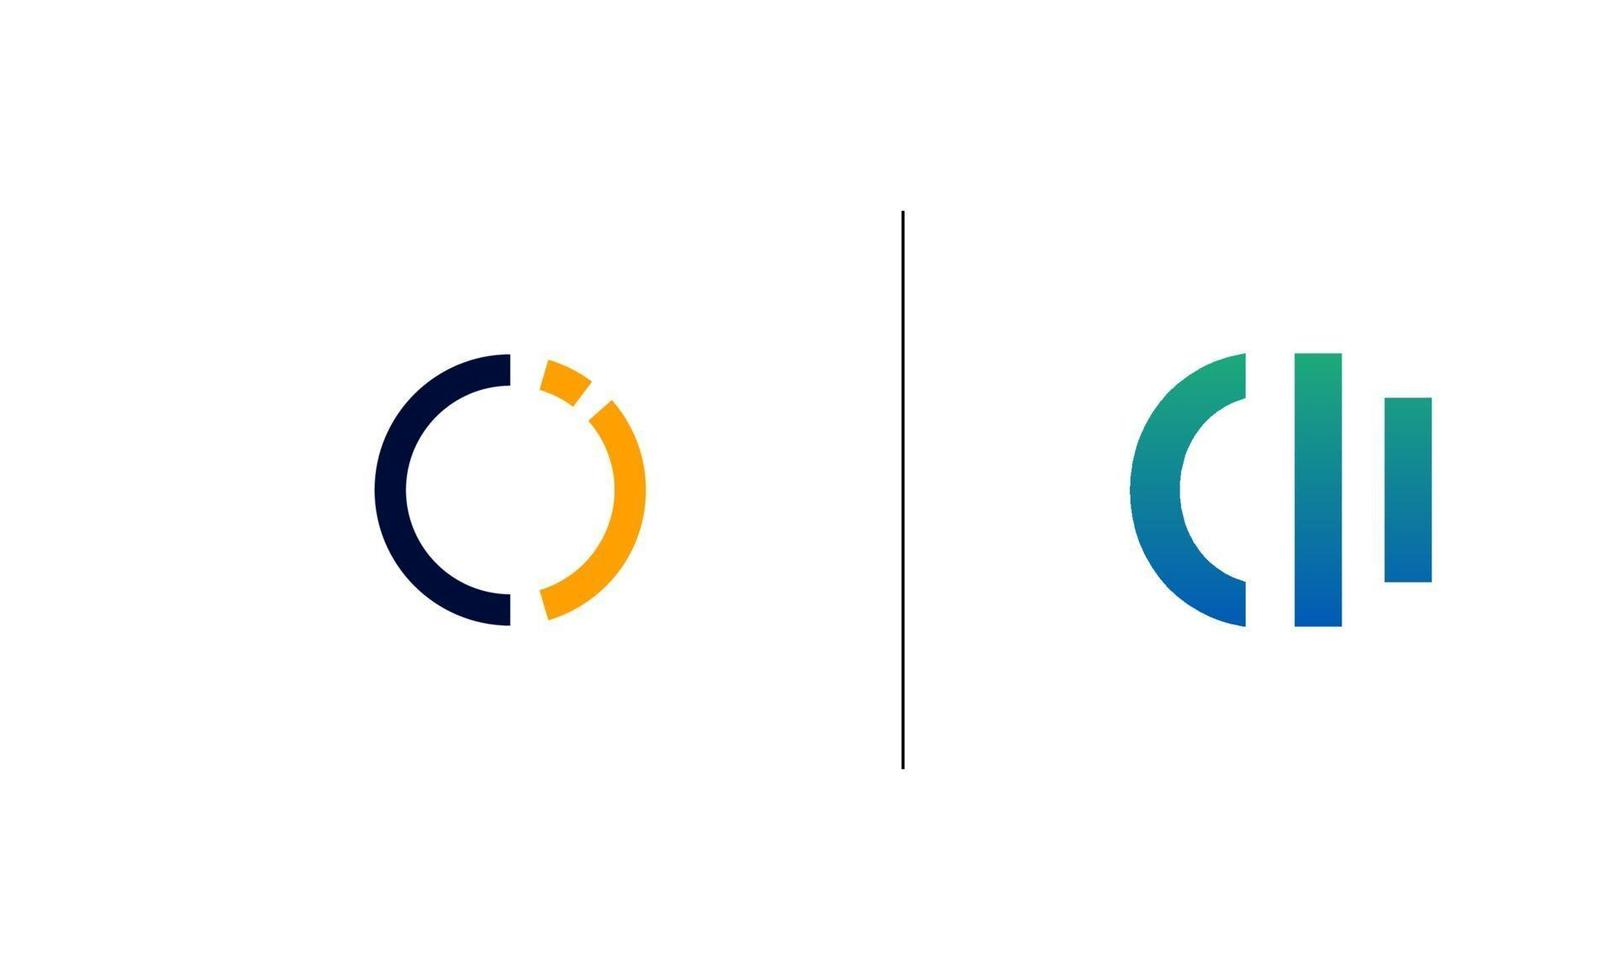 eerste ci, ic logo ontwerpsjabloon vector